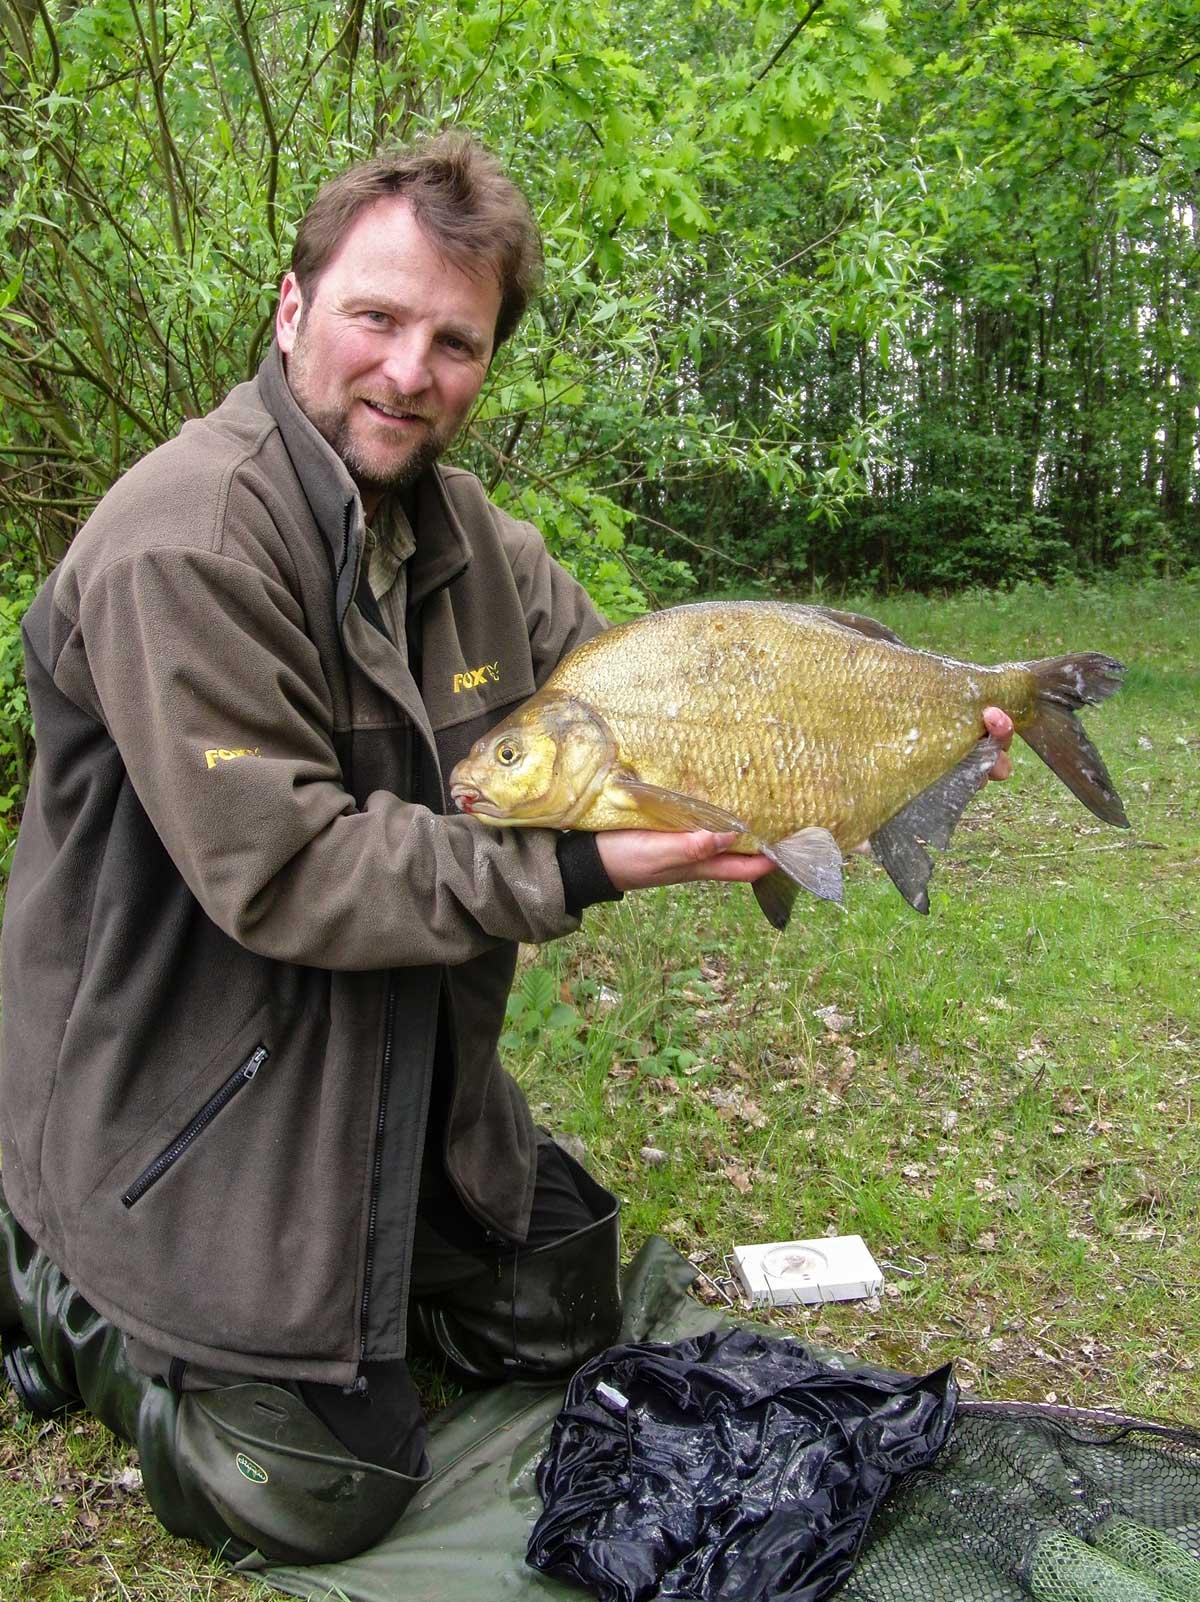 Gelungenes Frühlings-Projekt, Thomas freut sich über einen kapitalen Brassen. Solche Fische fängt er bis in den Mai hinein, dann ist meistens Schluss.